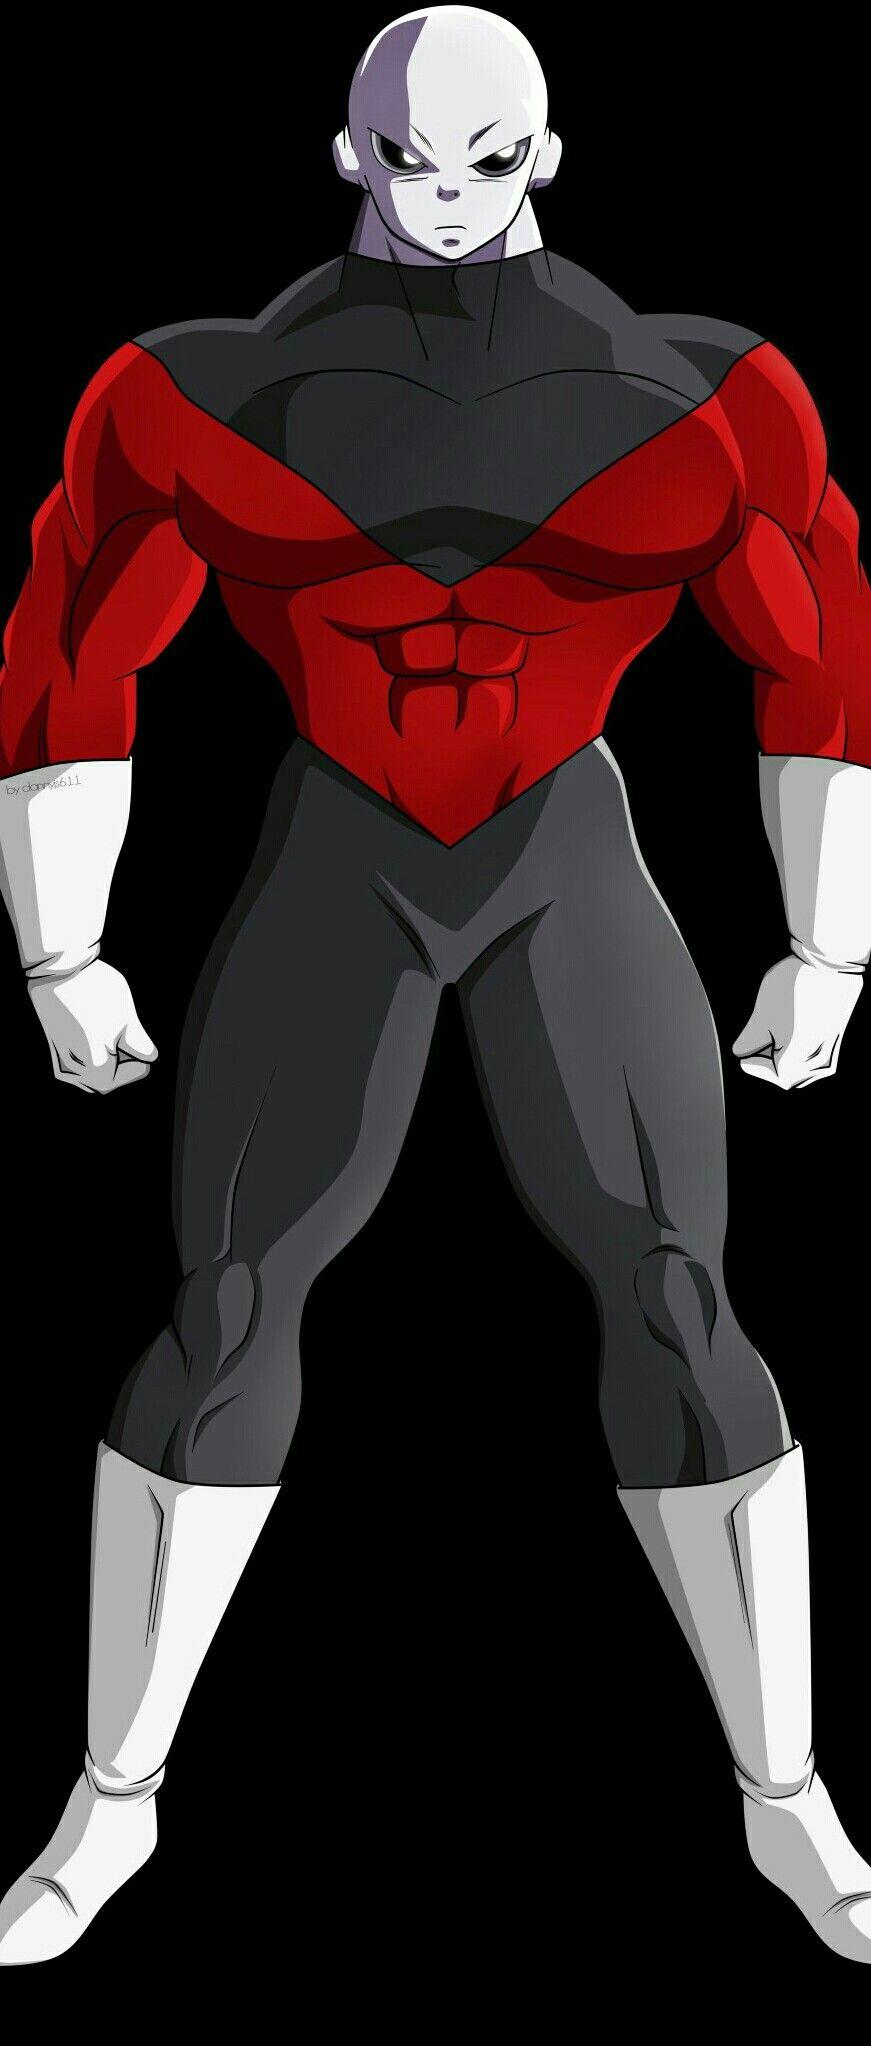 Jiren - el Guerrero más Poderoso del Universo 11 - DRAGÓN ...